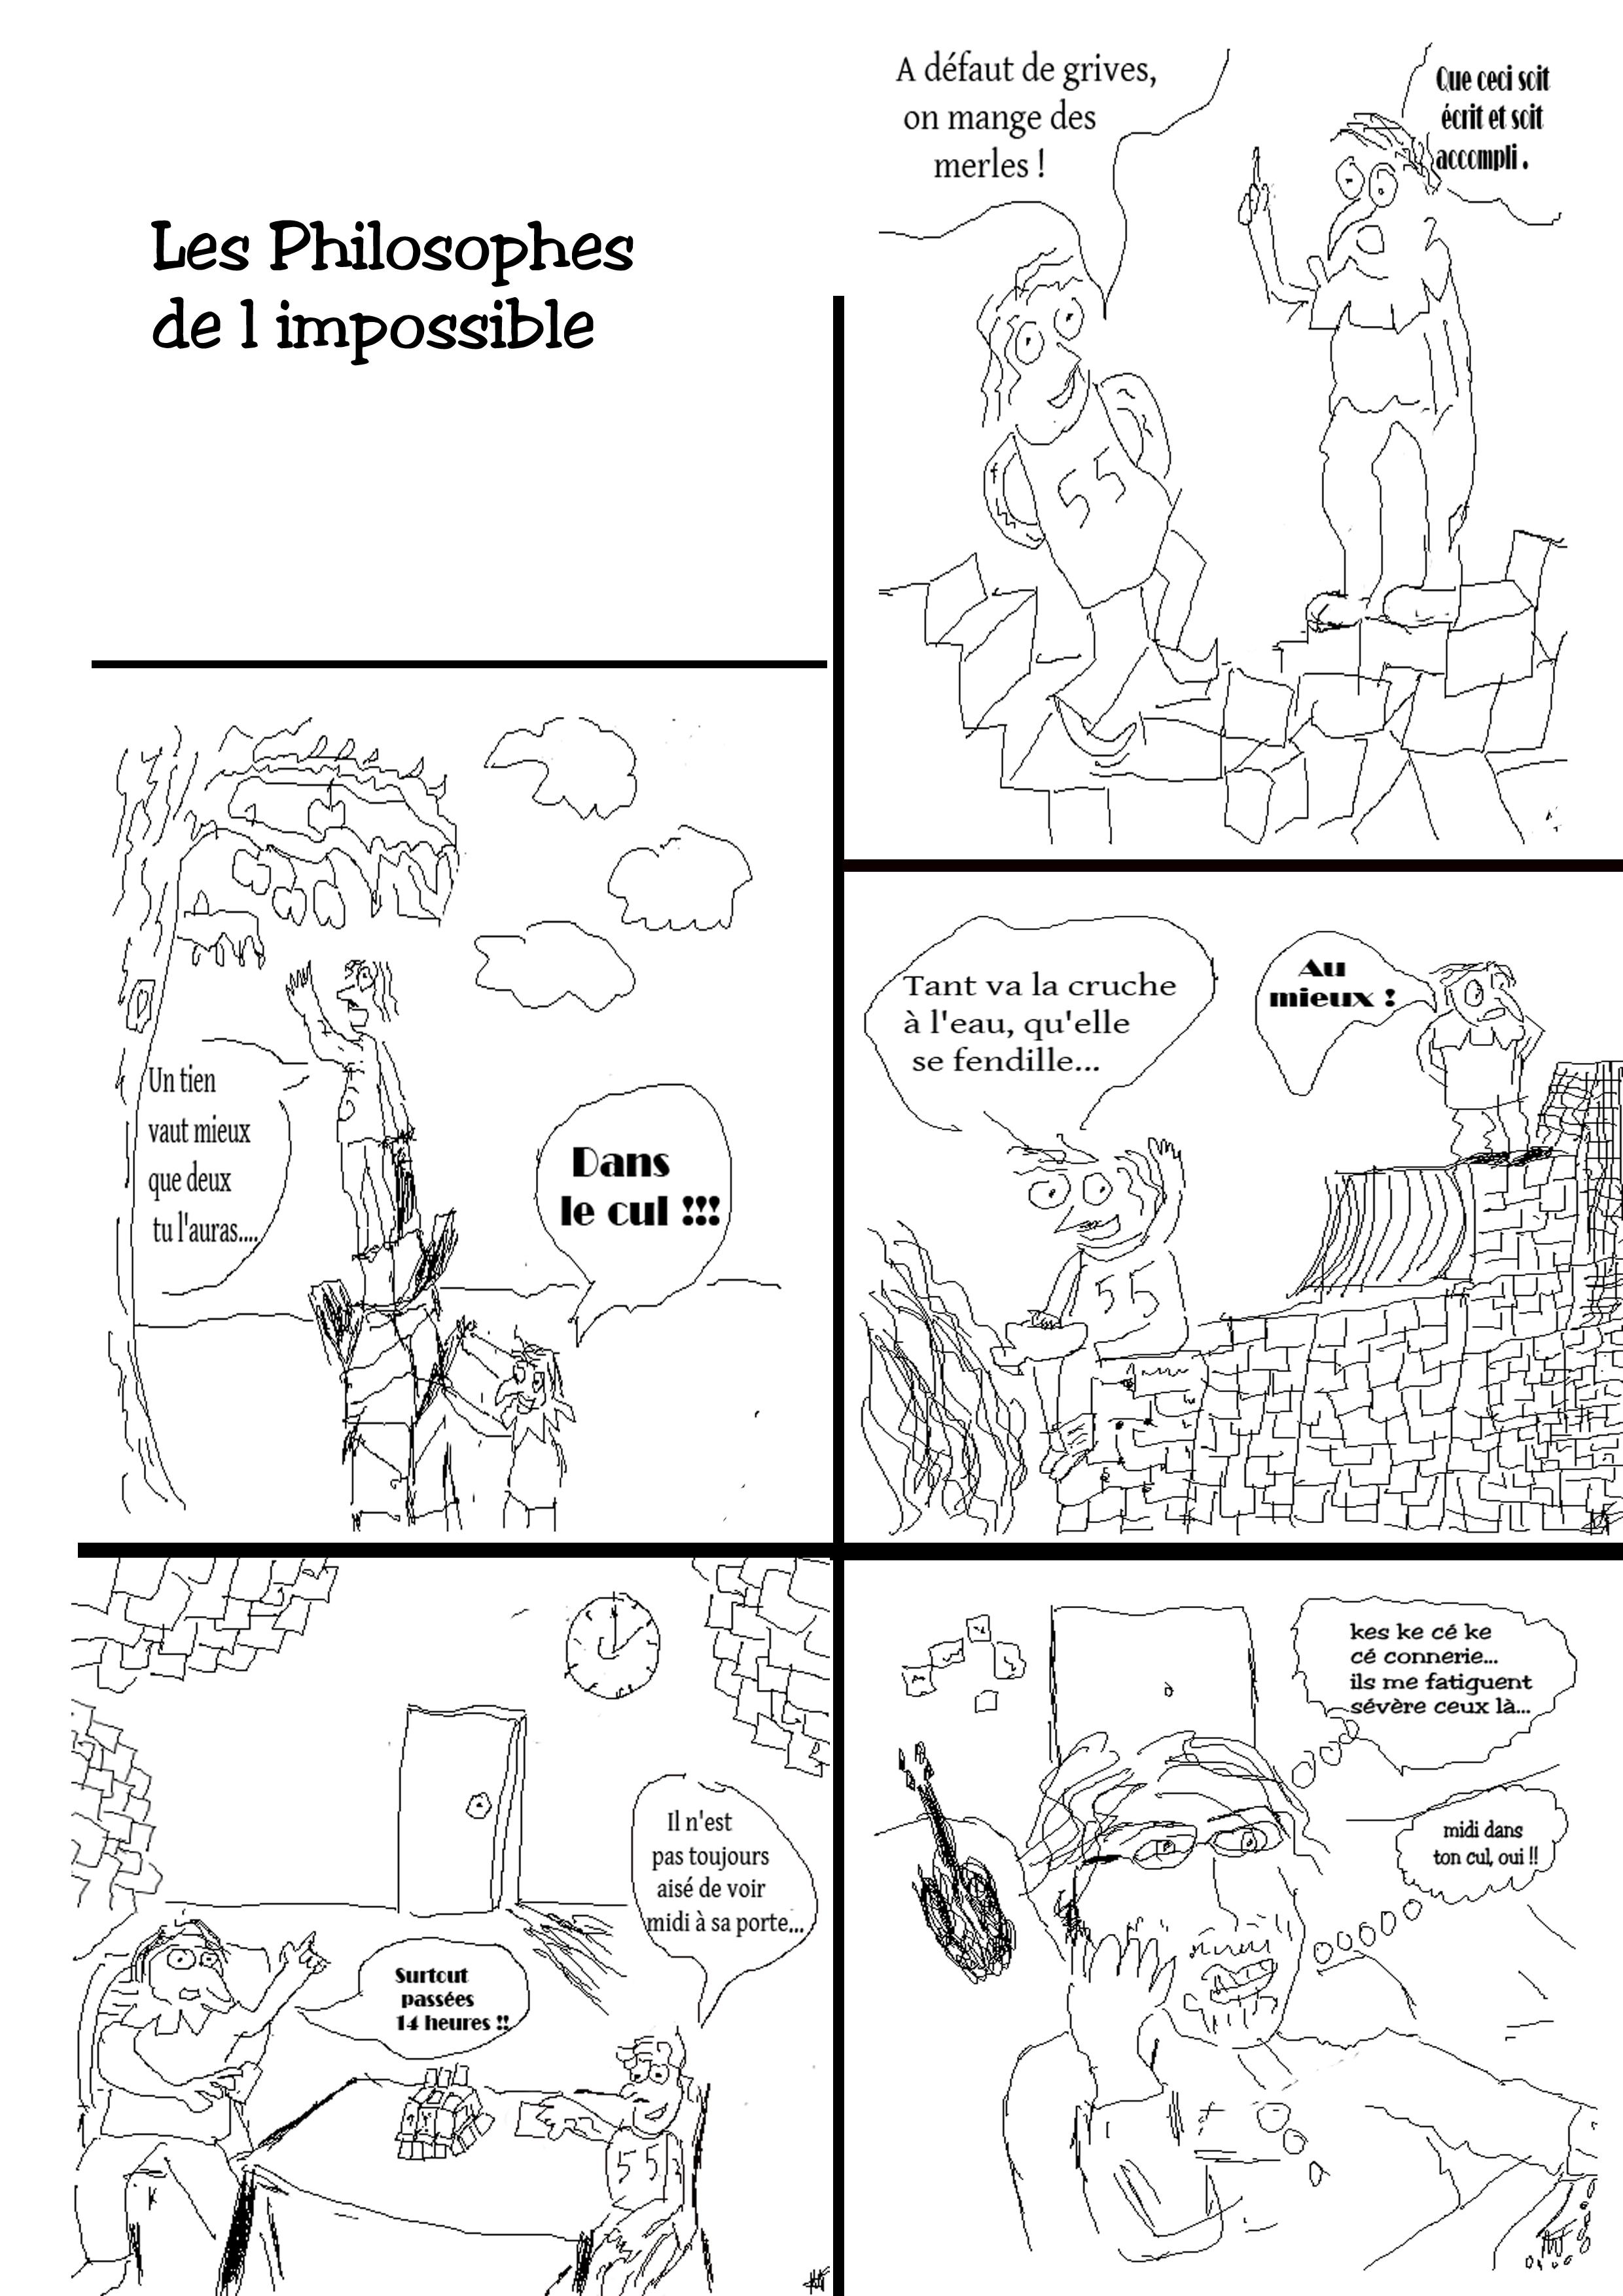 les Philosophes de l'impossible